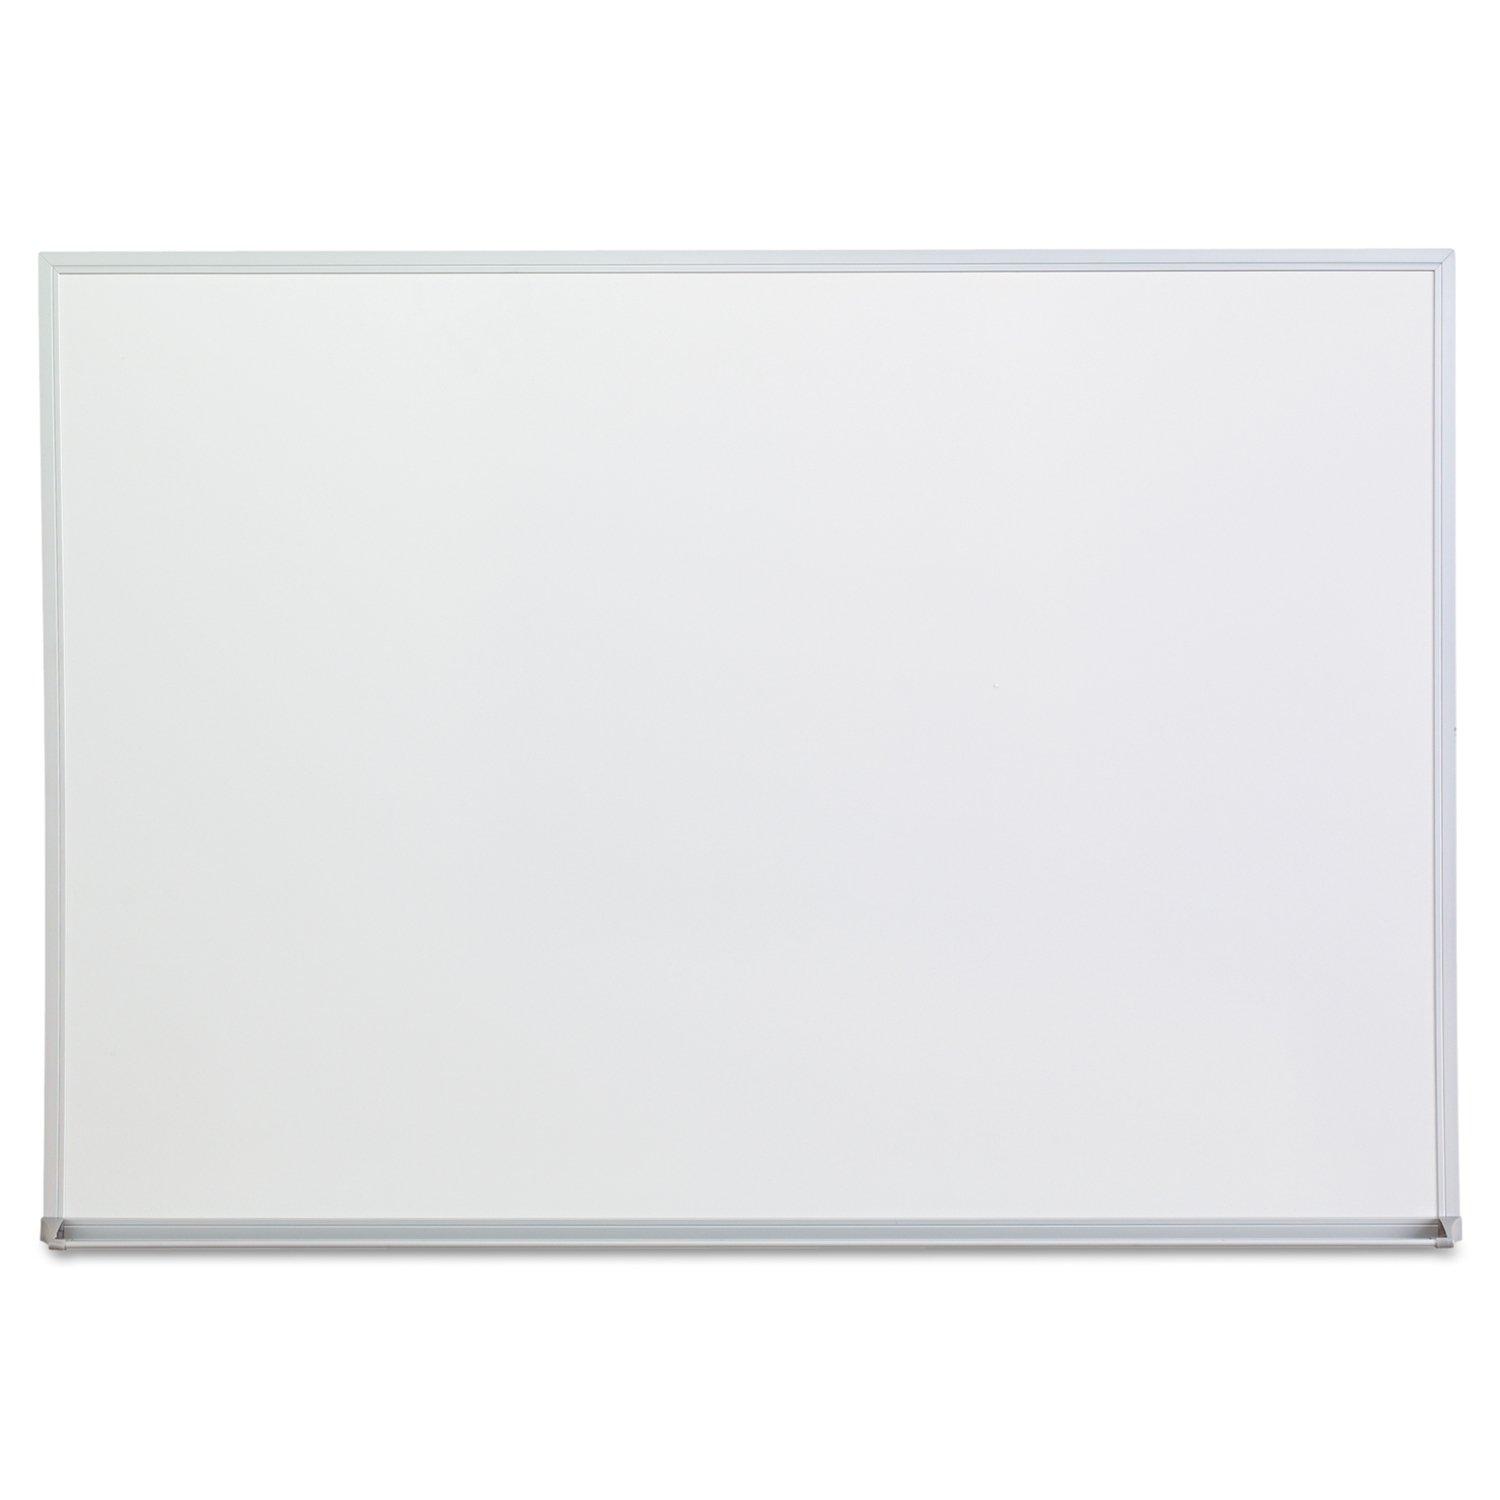 Universal 43624 Dry Erase Board, Melamine, 48 x 36, Satin-Finished Aluminum Frame